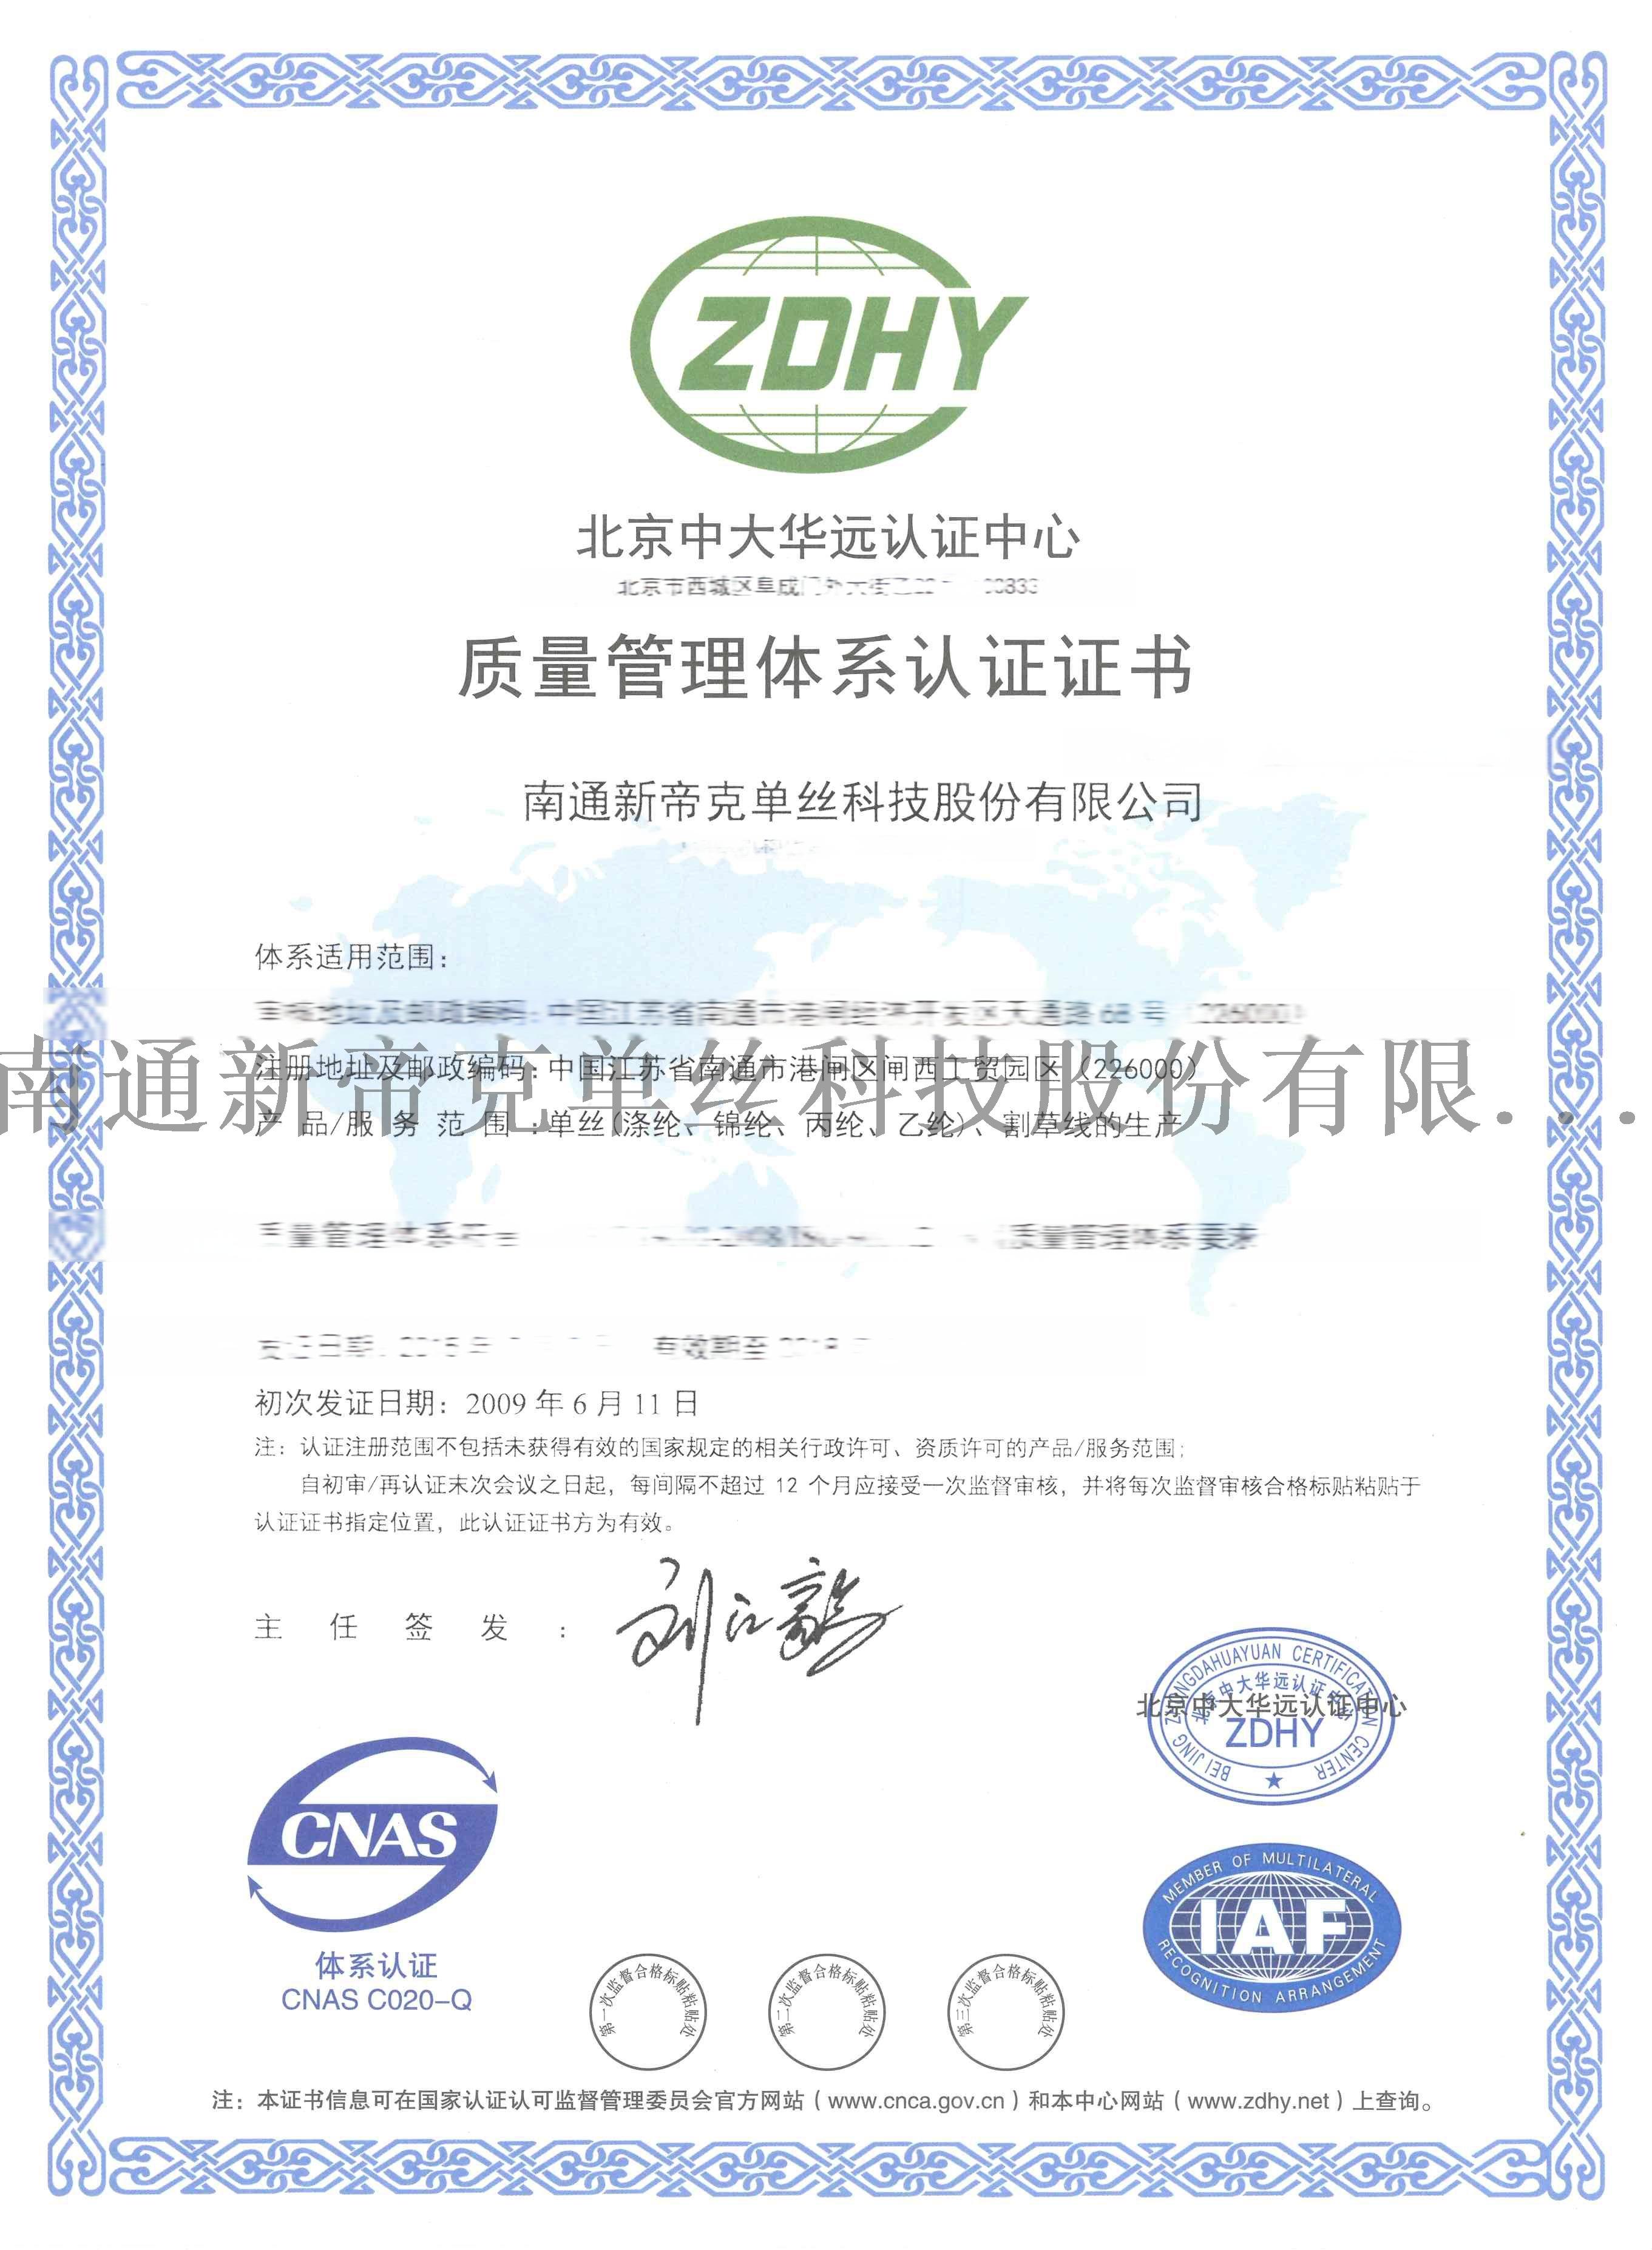 中文質量體系證書.jpg